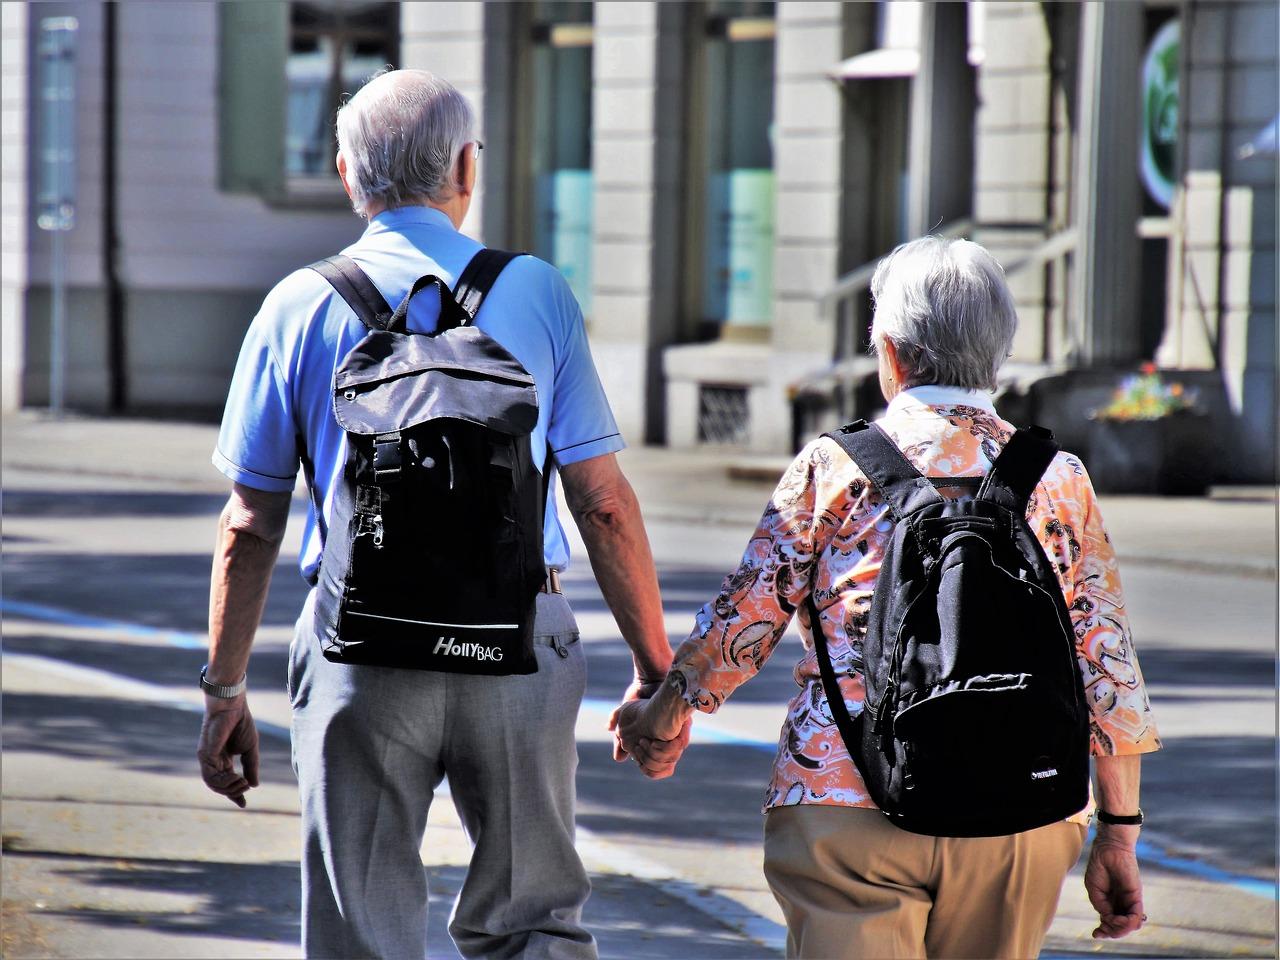 2040年のスペイン平均寿命